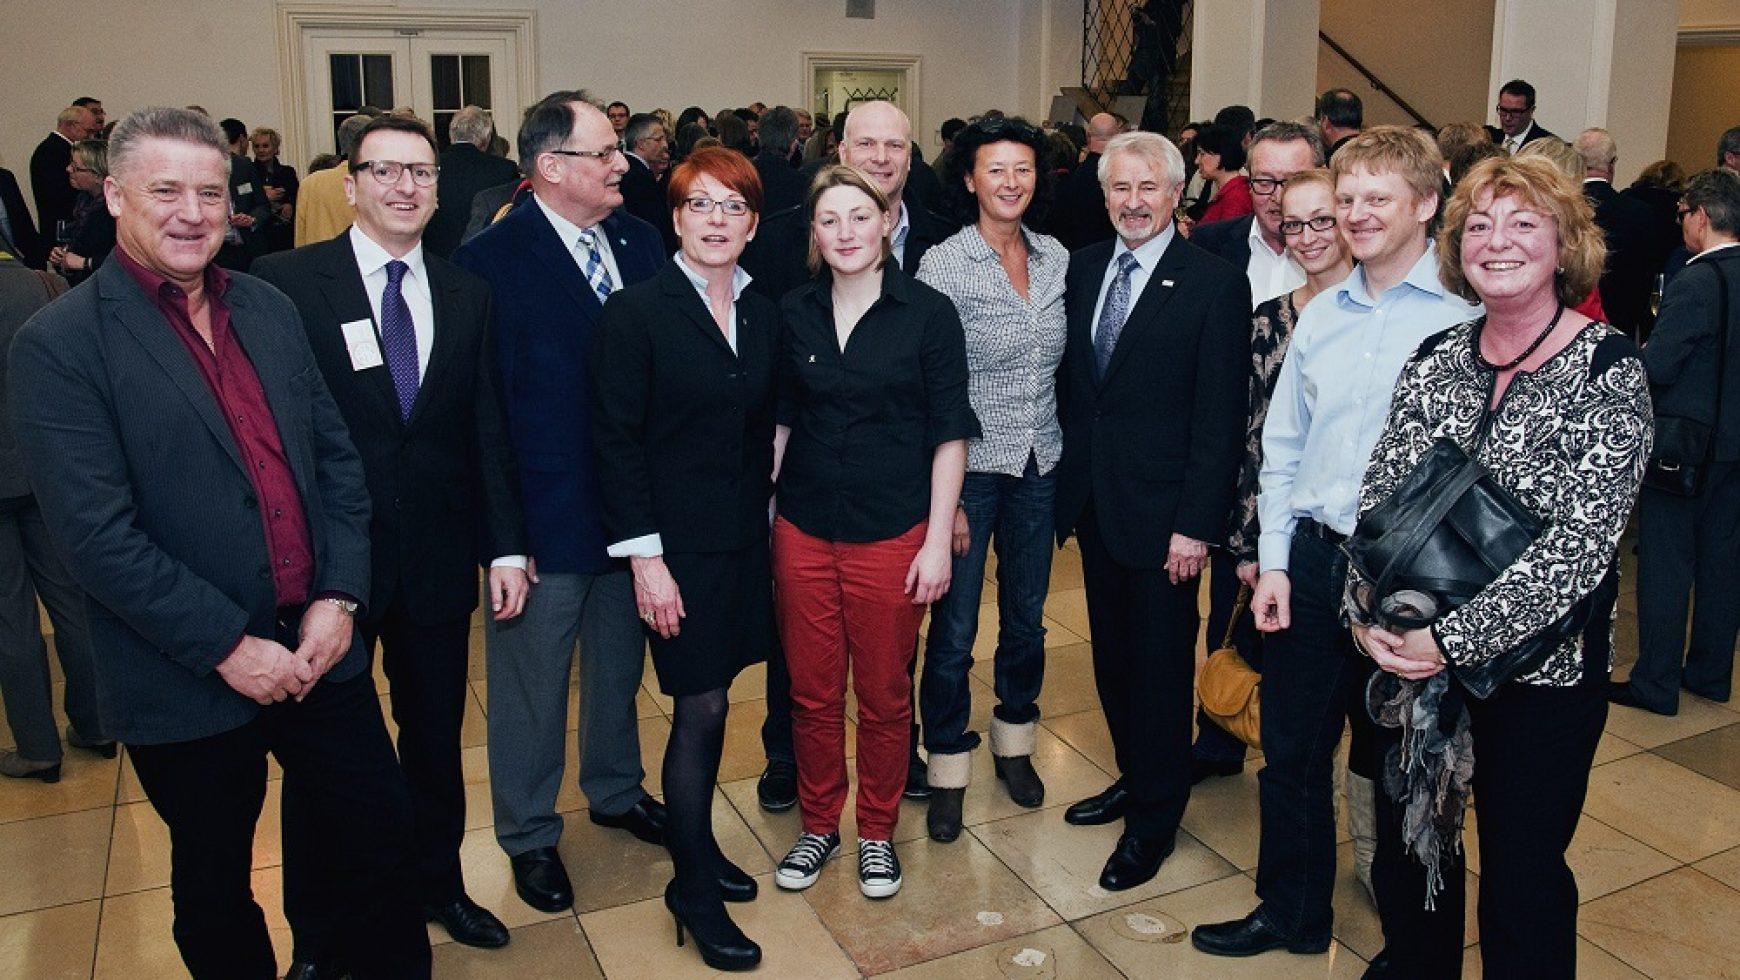 Erster Parlamentarischer Abend der Weiterbildung in Rheinland-Pfalz